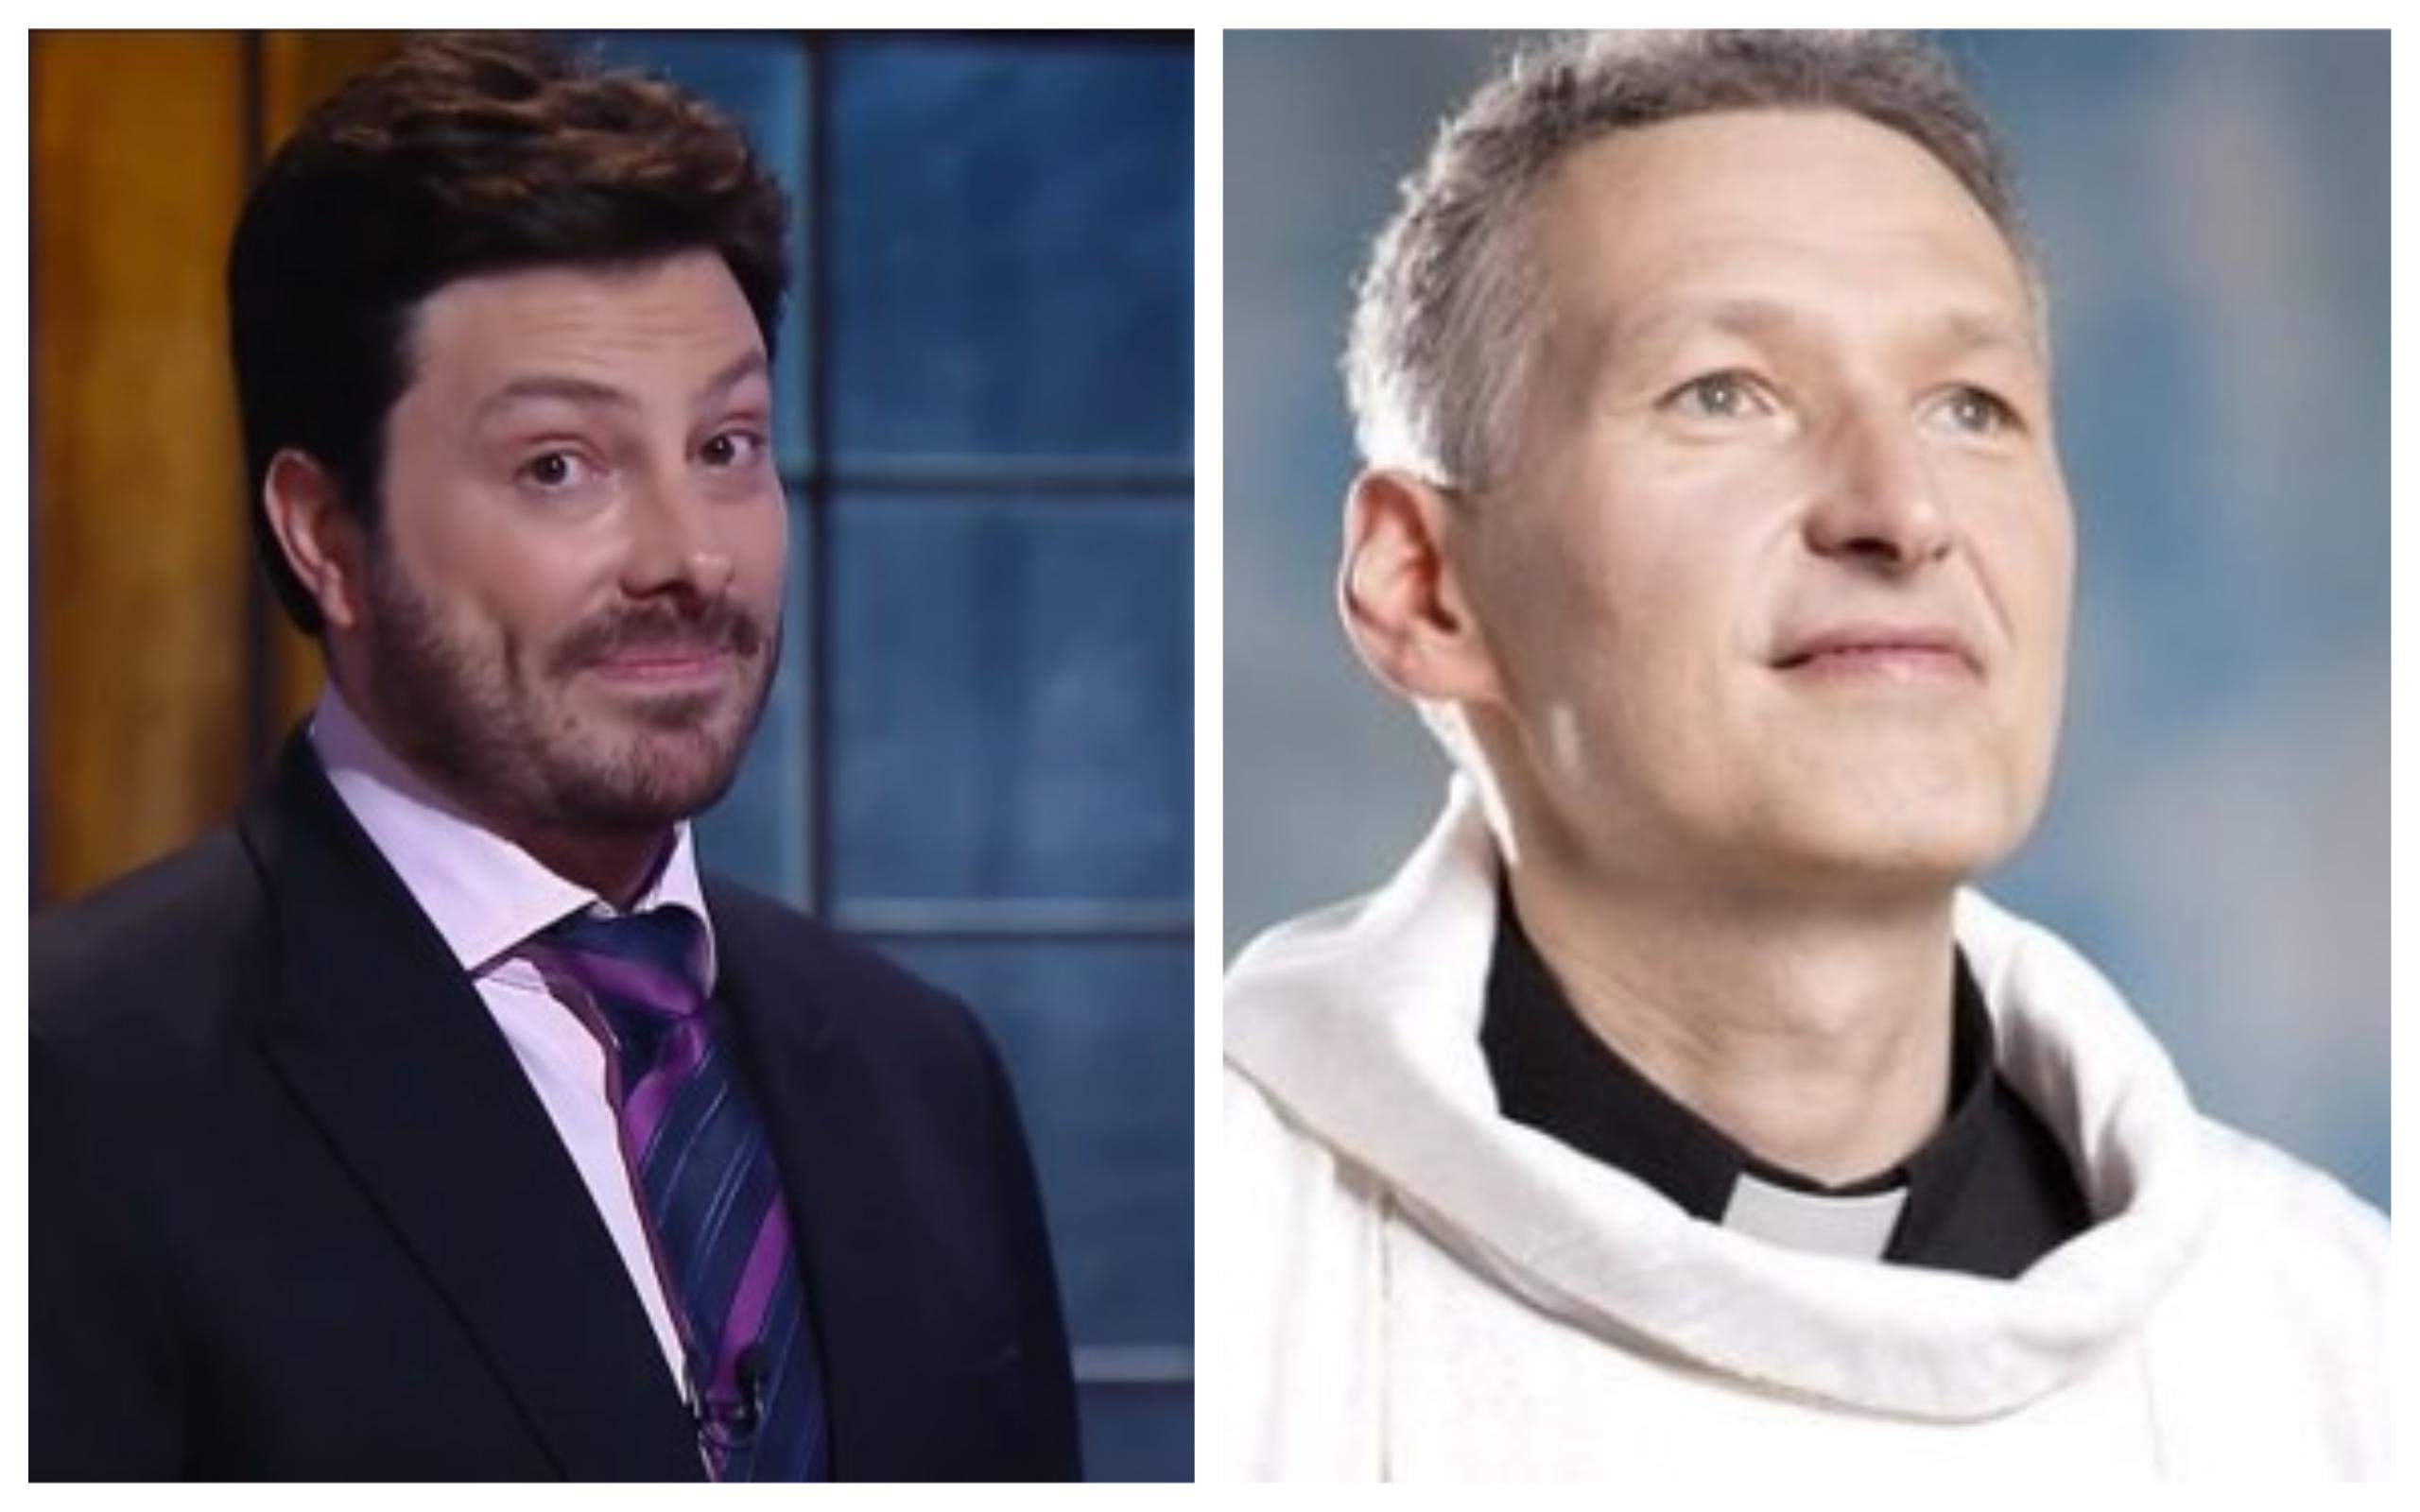 O apresentador Danilo Gentili causou polêmica após fazer piada com episódio trágico com o Padre Marcelo Rossi (Foto: Divulgação / TV Foco)